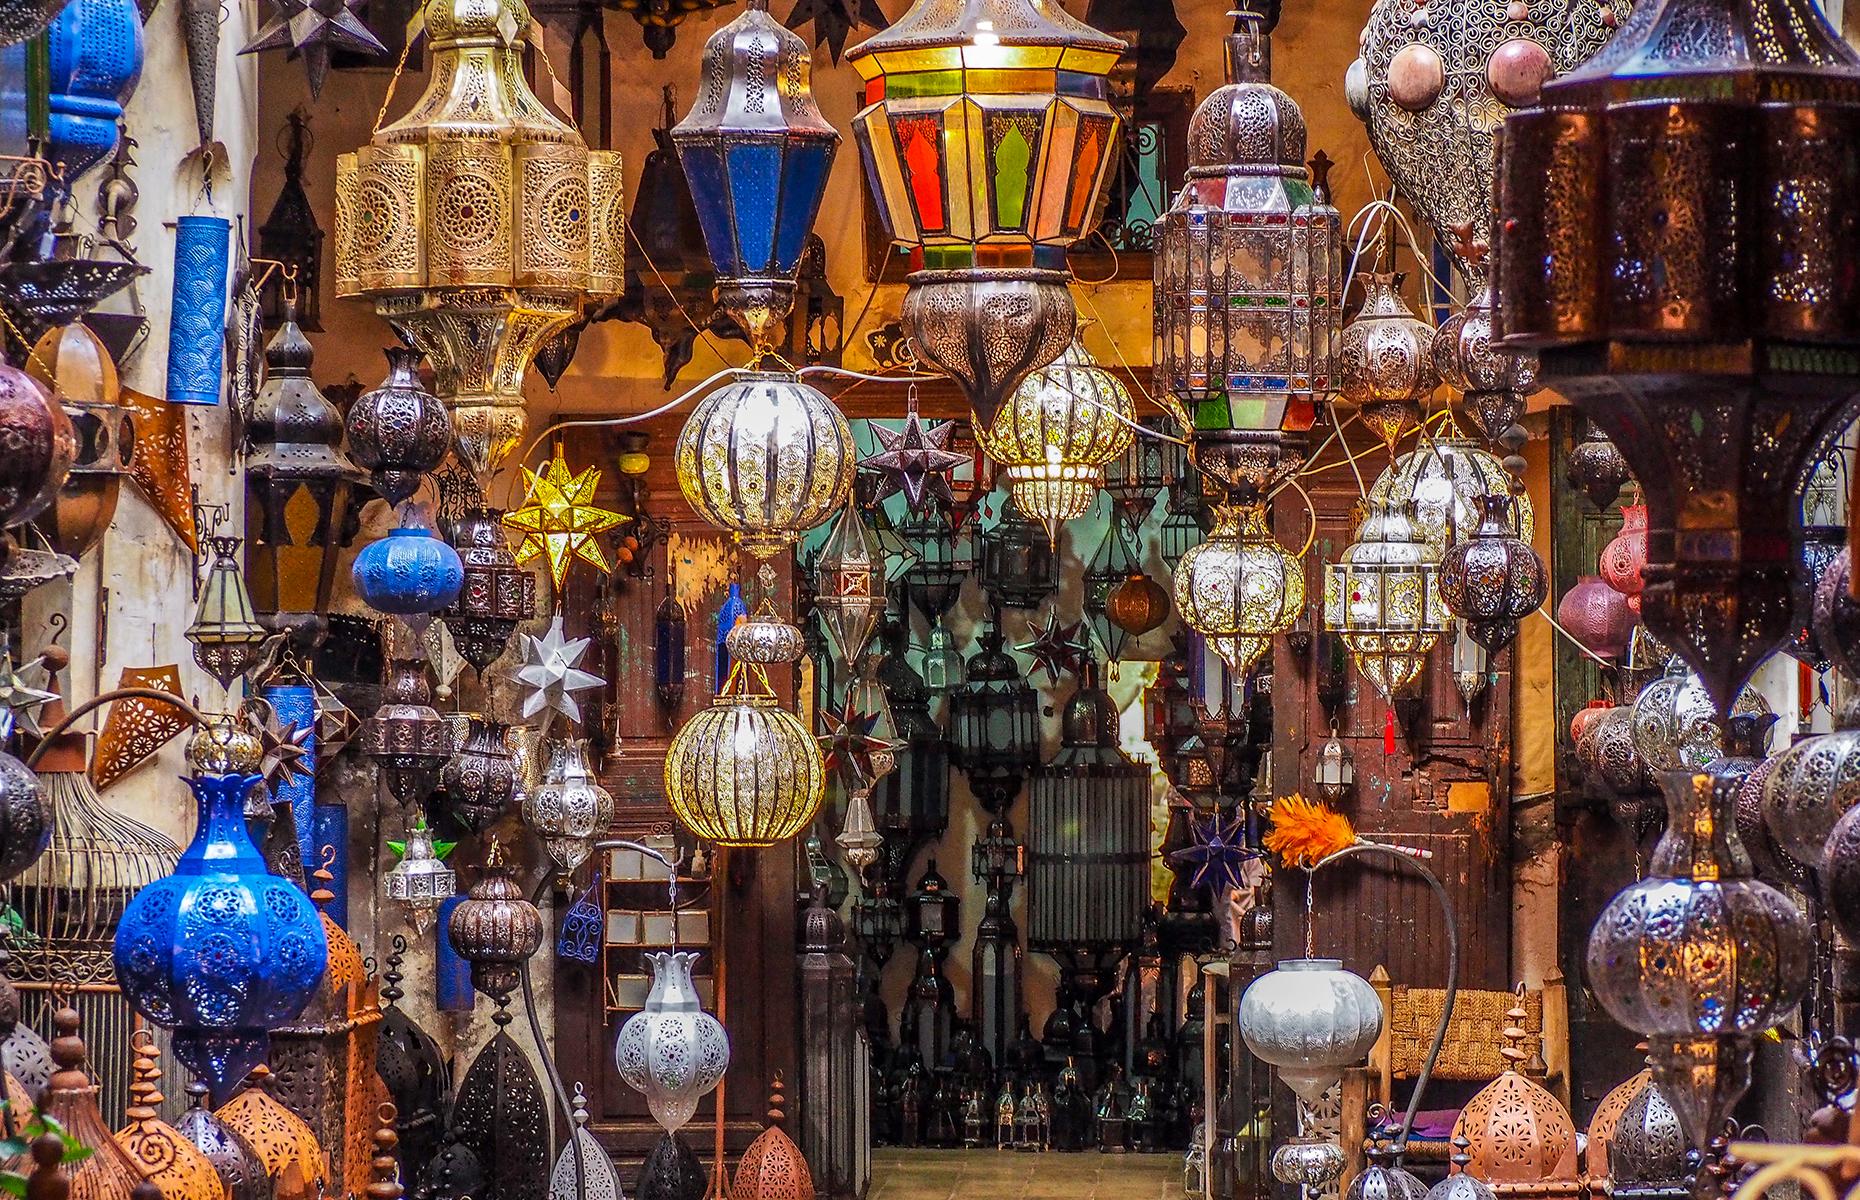 Lights in a souk in Marrakech (Image: doleesi/Shutterstock)